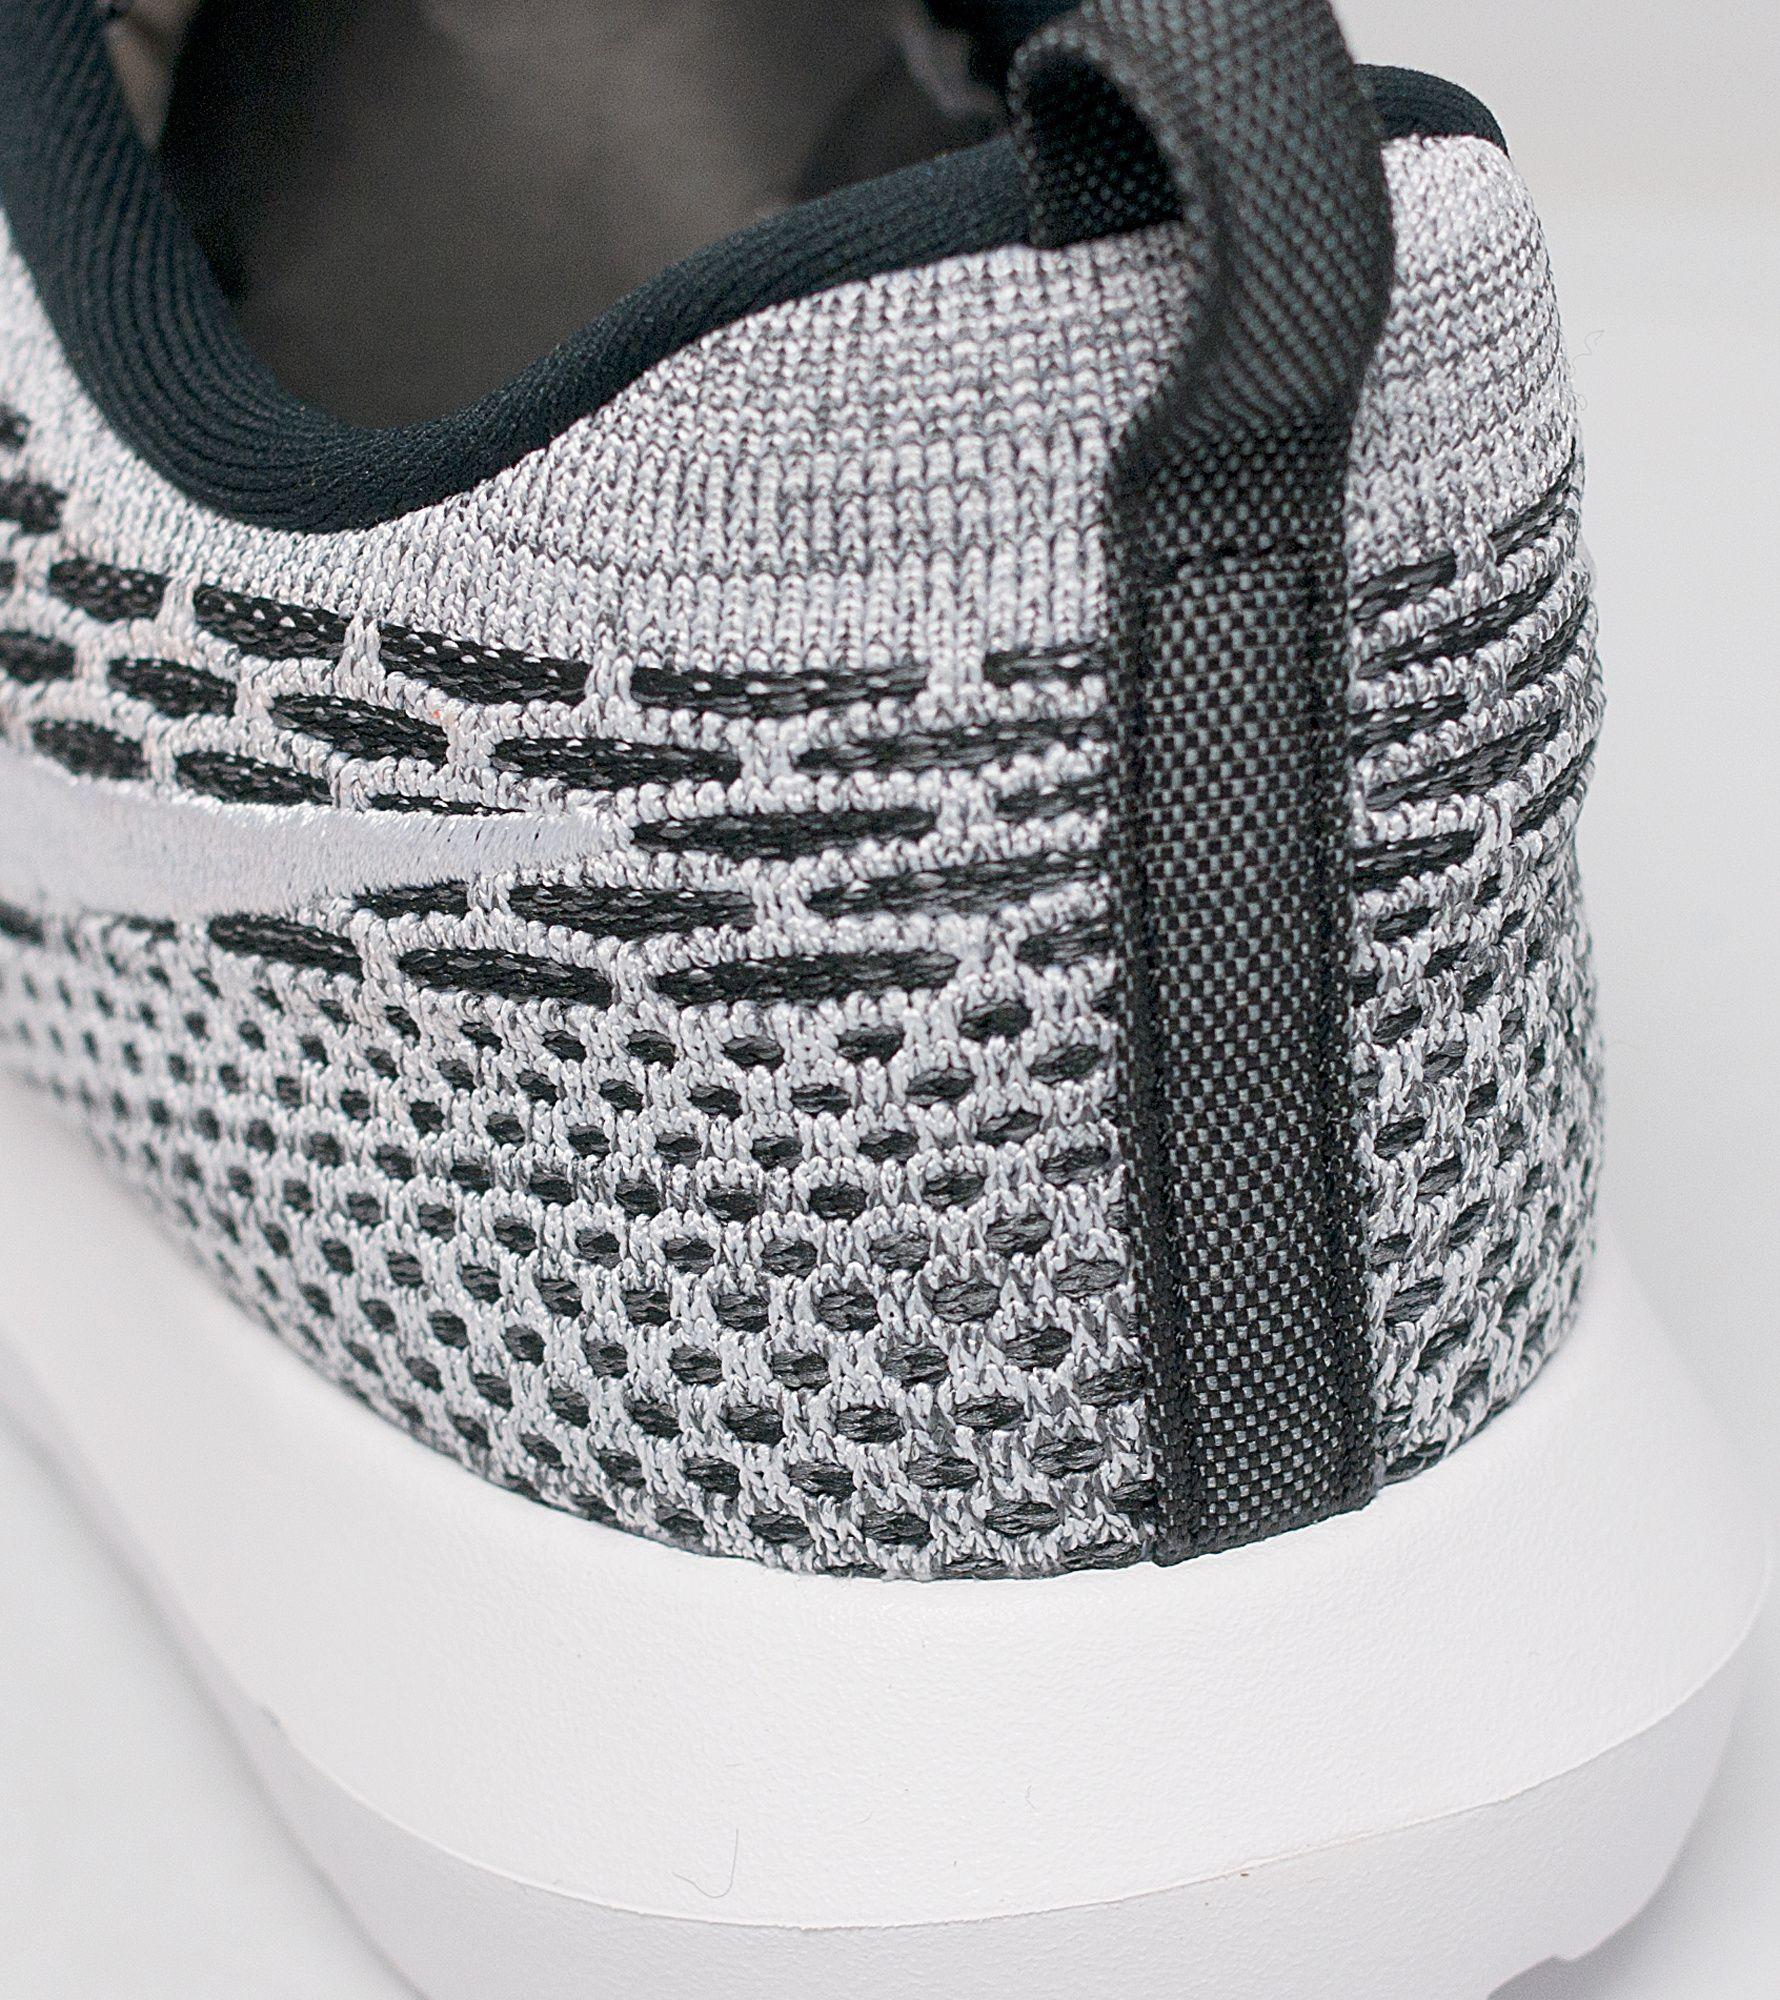 zyfmy Nike Roshe One Flyknit | Size?